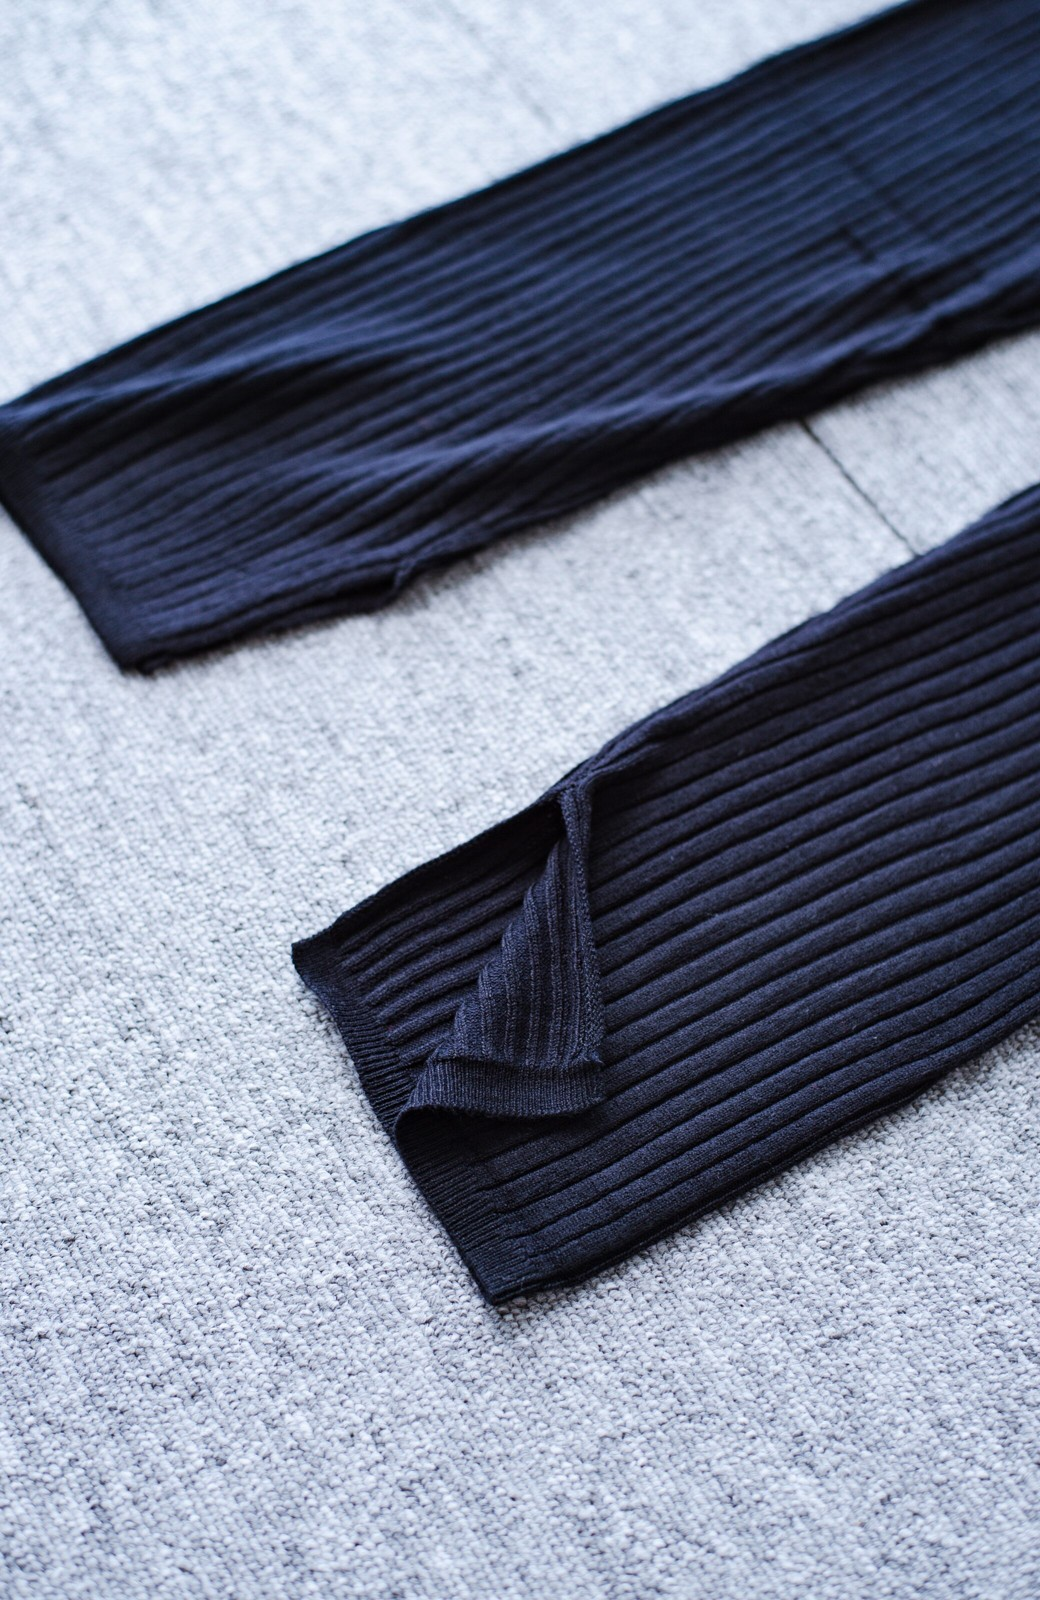 haco! あったか&オシャレに重ね着できる 便利なリブニットレギンス by style zampa <ブラック>の商品写真3